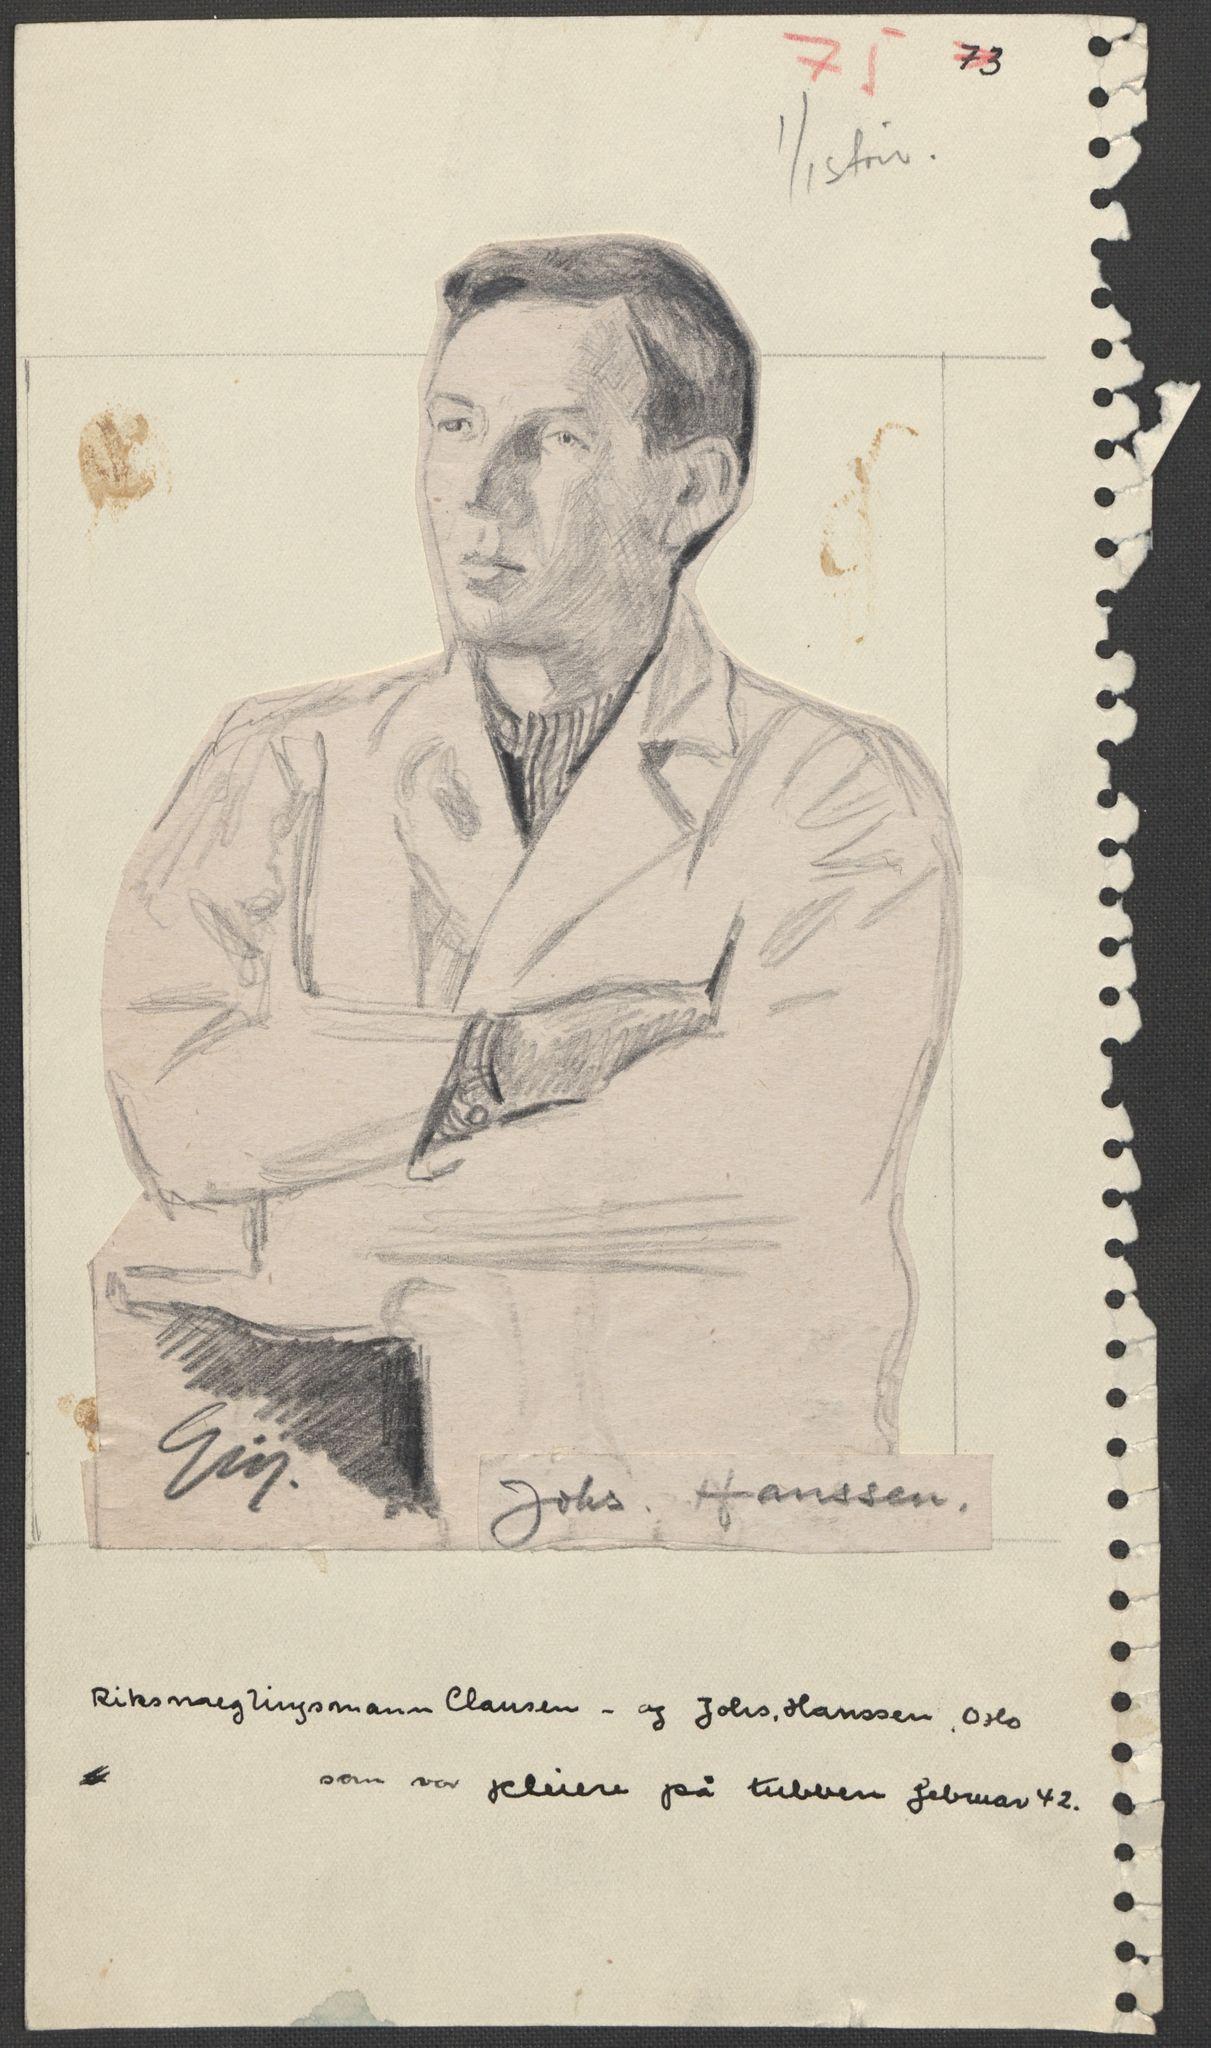 RA, Grøgaard, Joachim, F/L0002: Tegninger og tekster, 1942-1945, s. 66